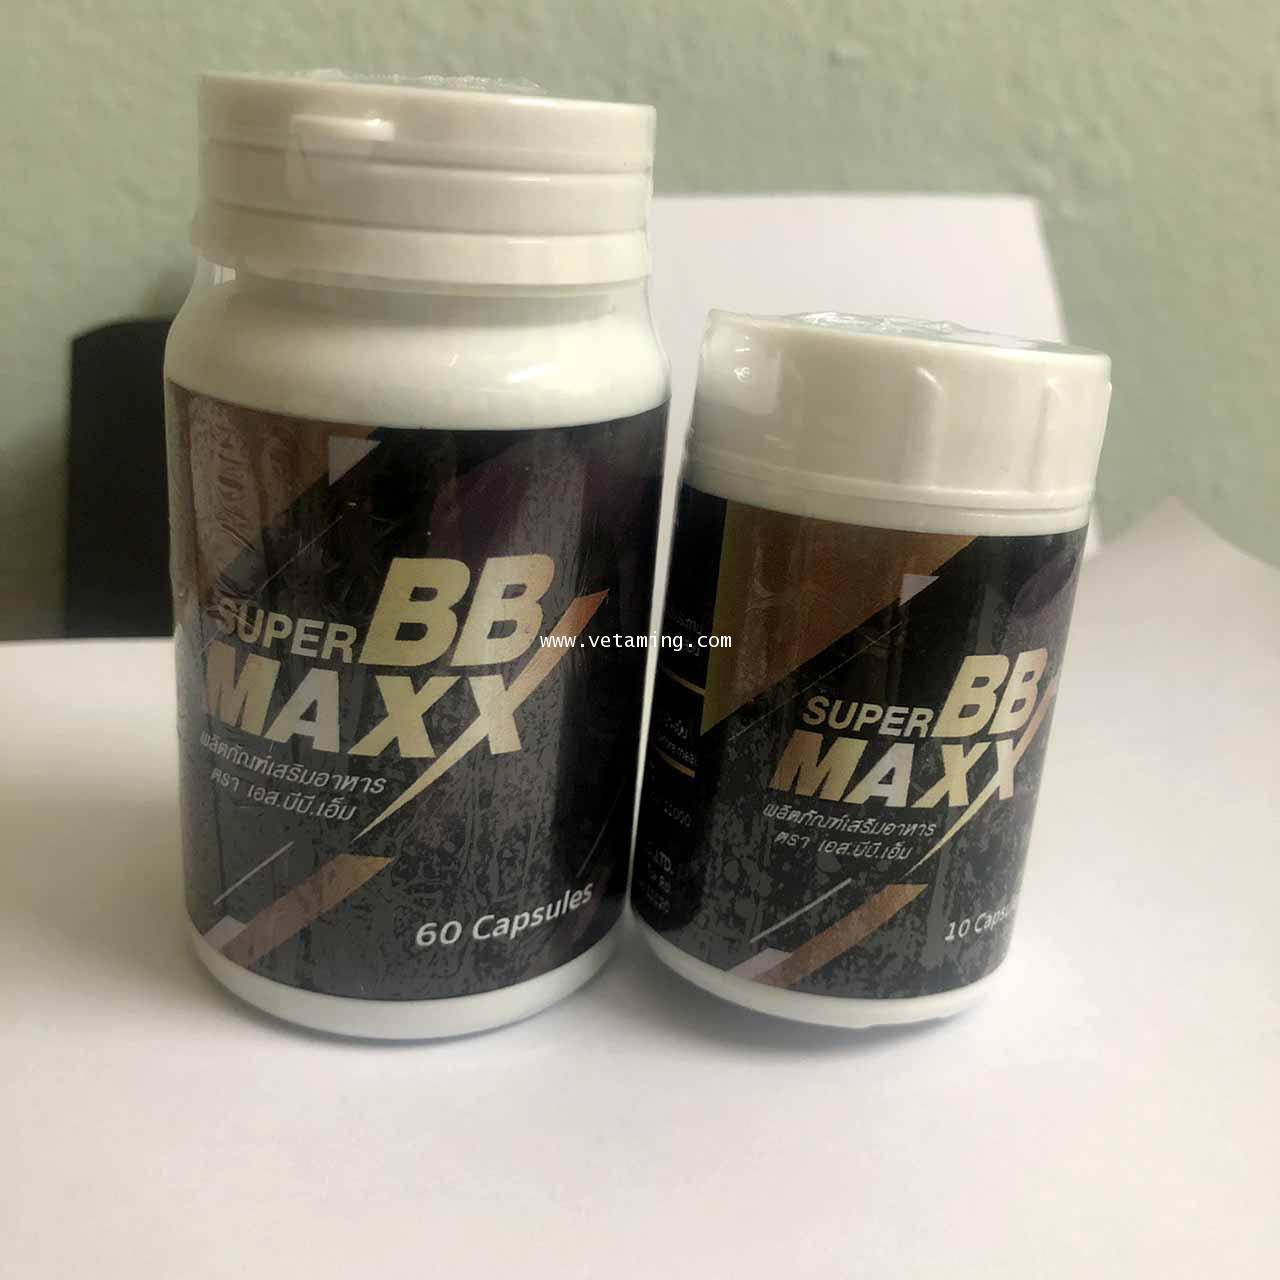 Super BB Maxx ซื้อ1แถม1 อาหารเสริมสำหรับท่านชายราคาพิเศษ1xxxถูกที่สุด